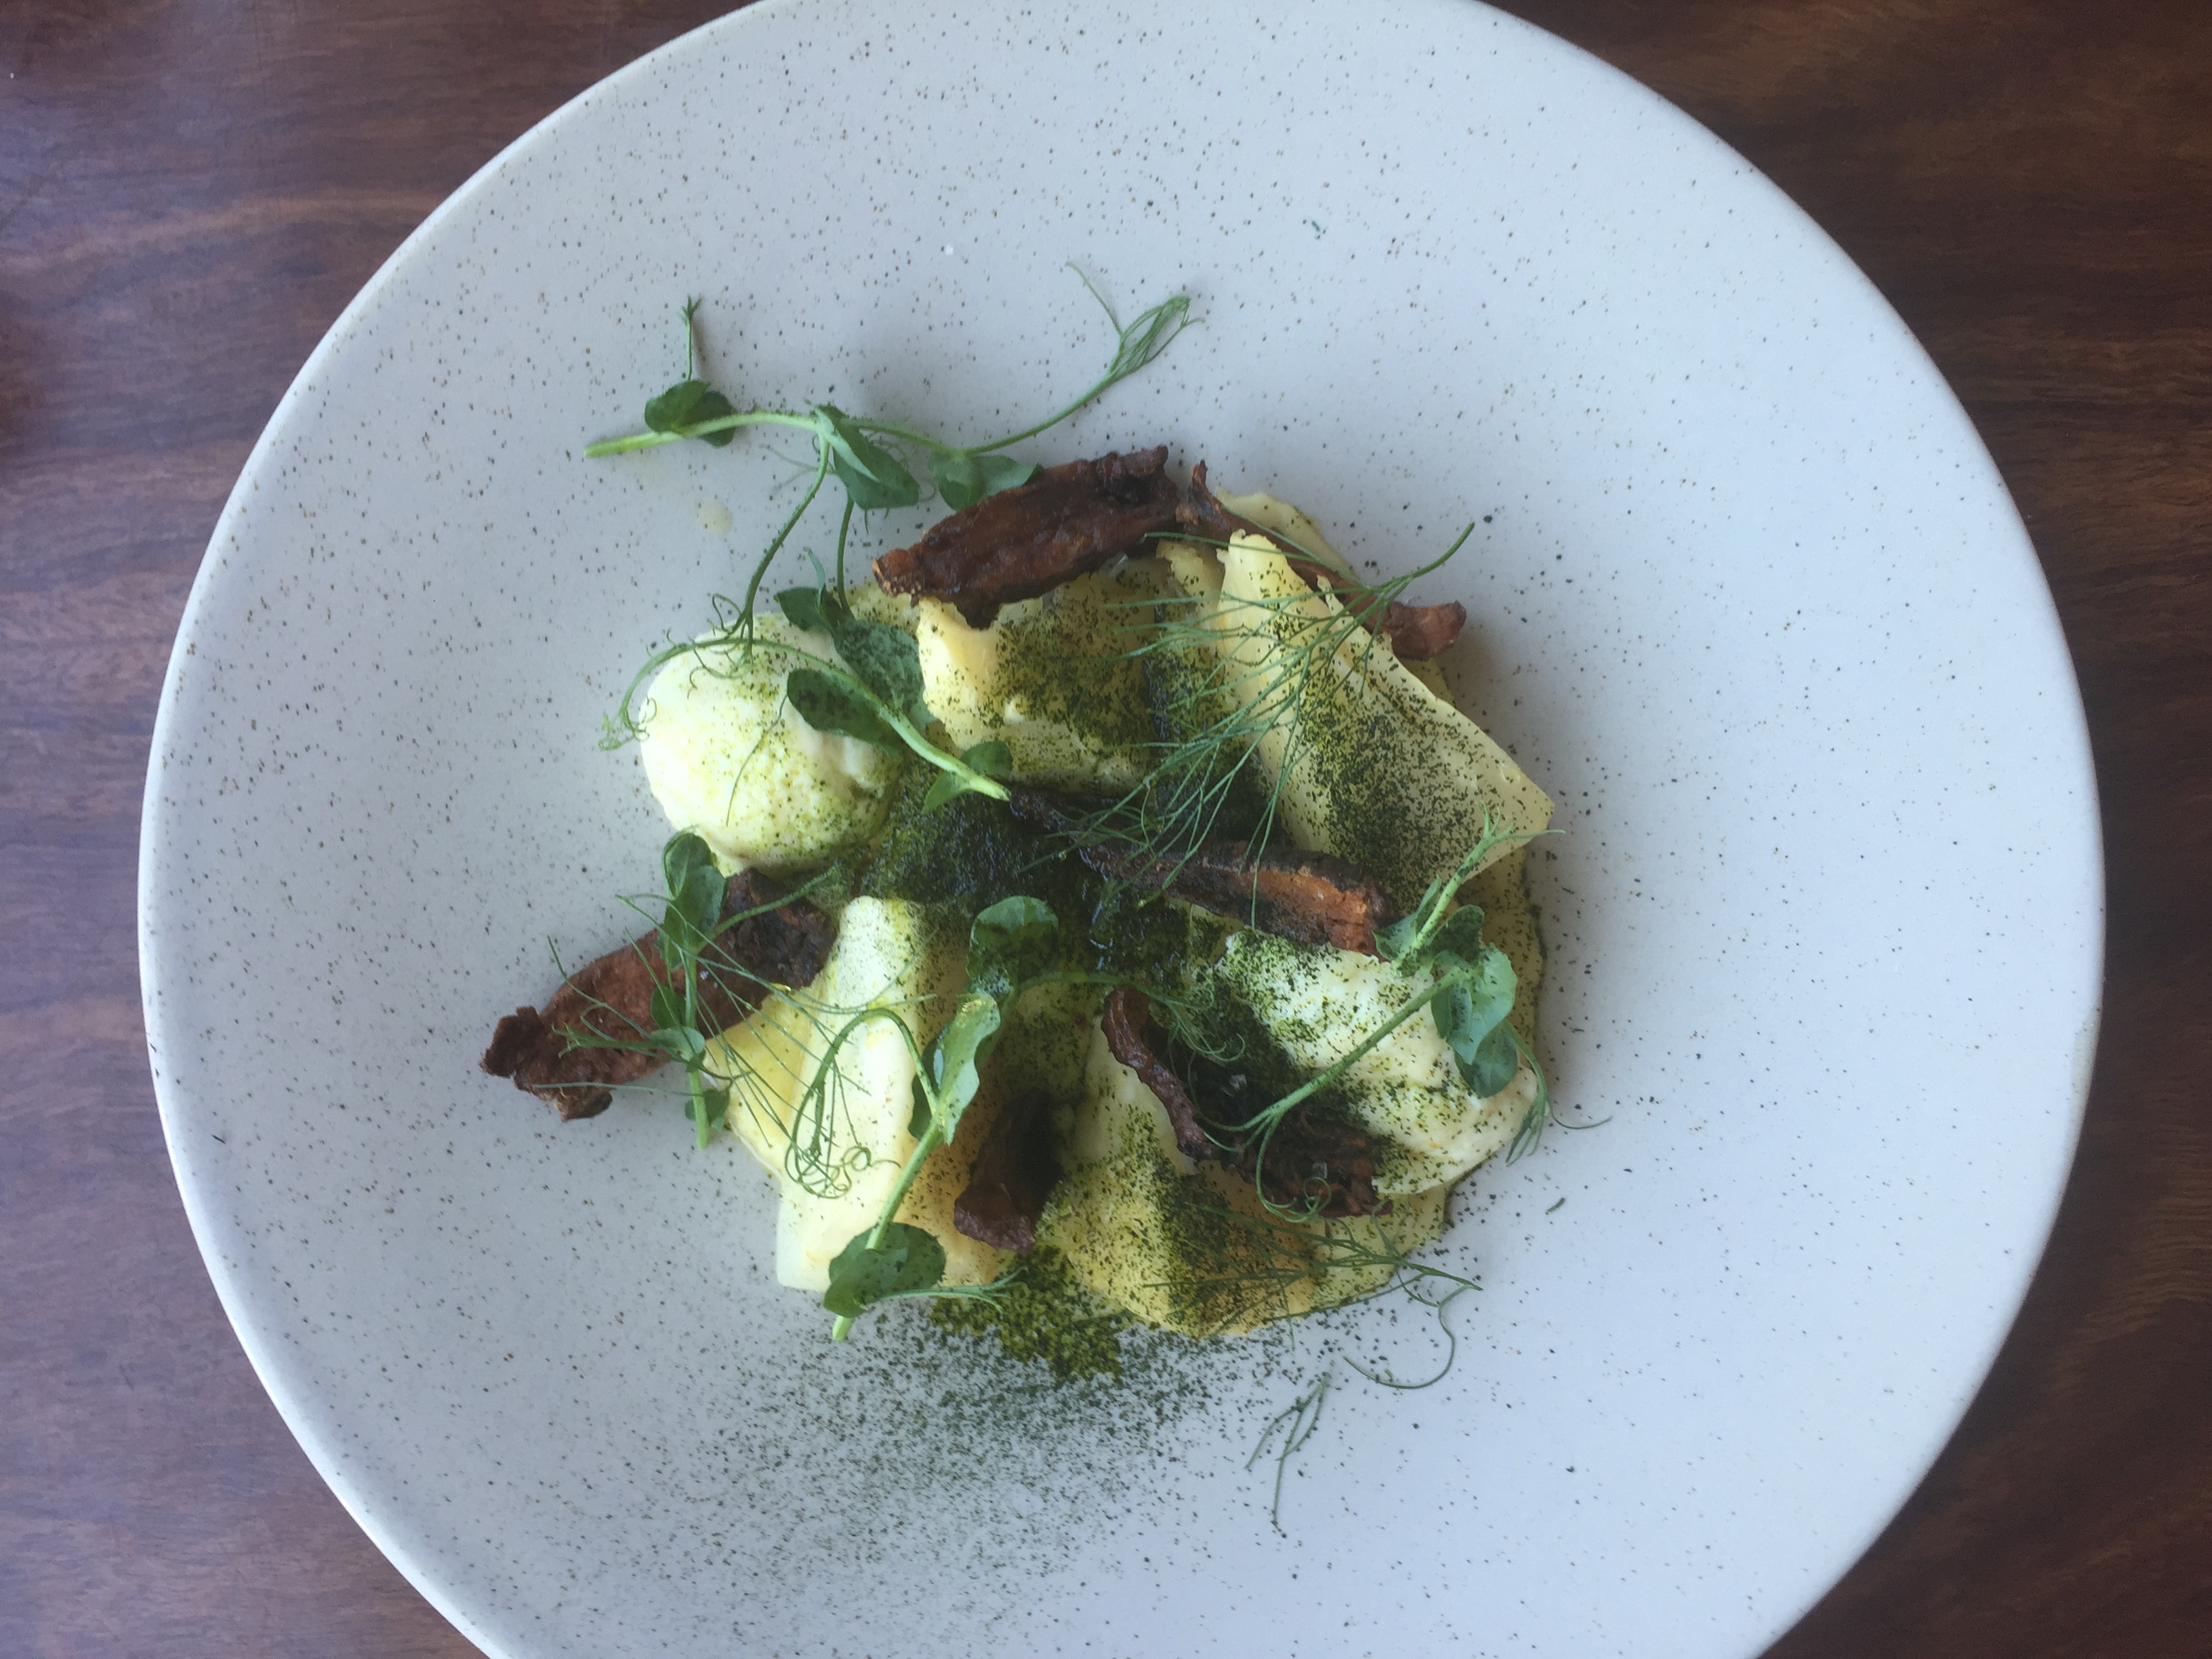 Food from Harvest Cafe Newrybar - Foodie Mookie food writer